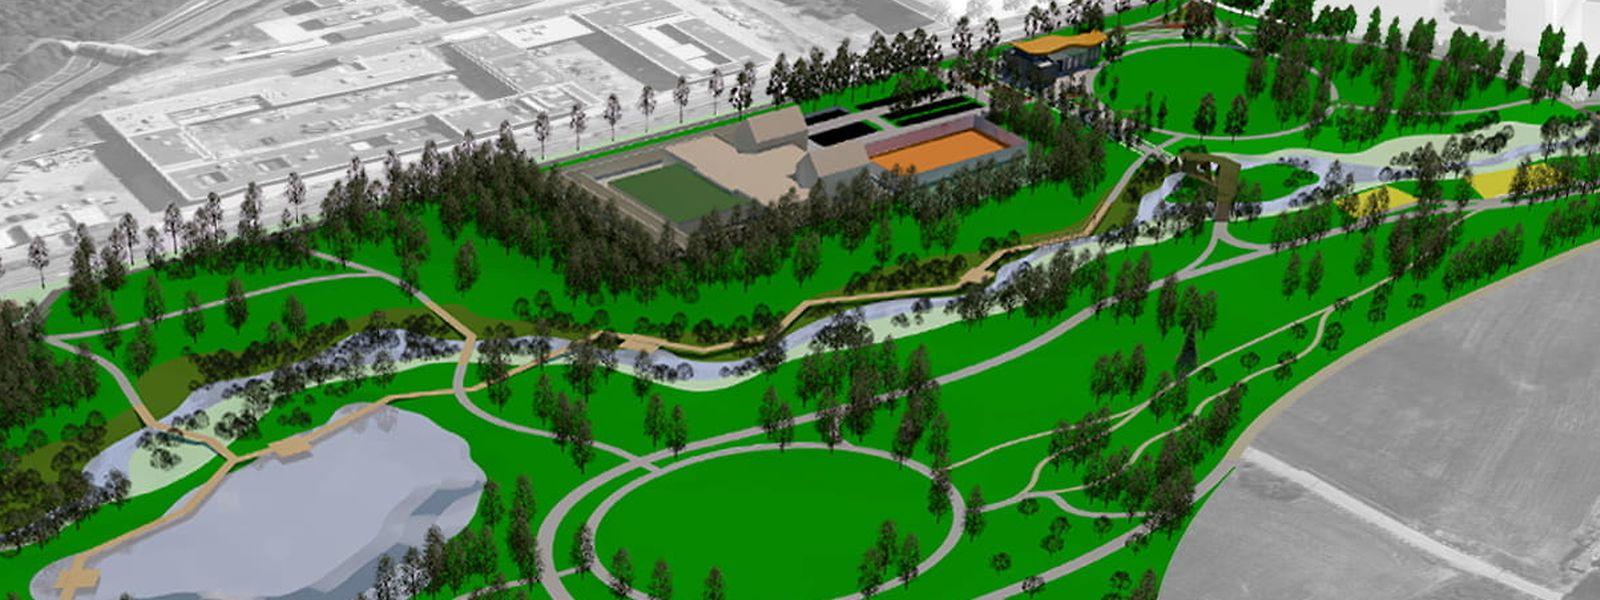 Parmi les nouveautés attendues dans le parc : un étang de 7.000 m2